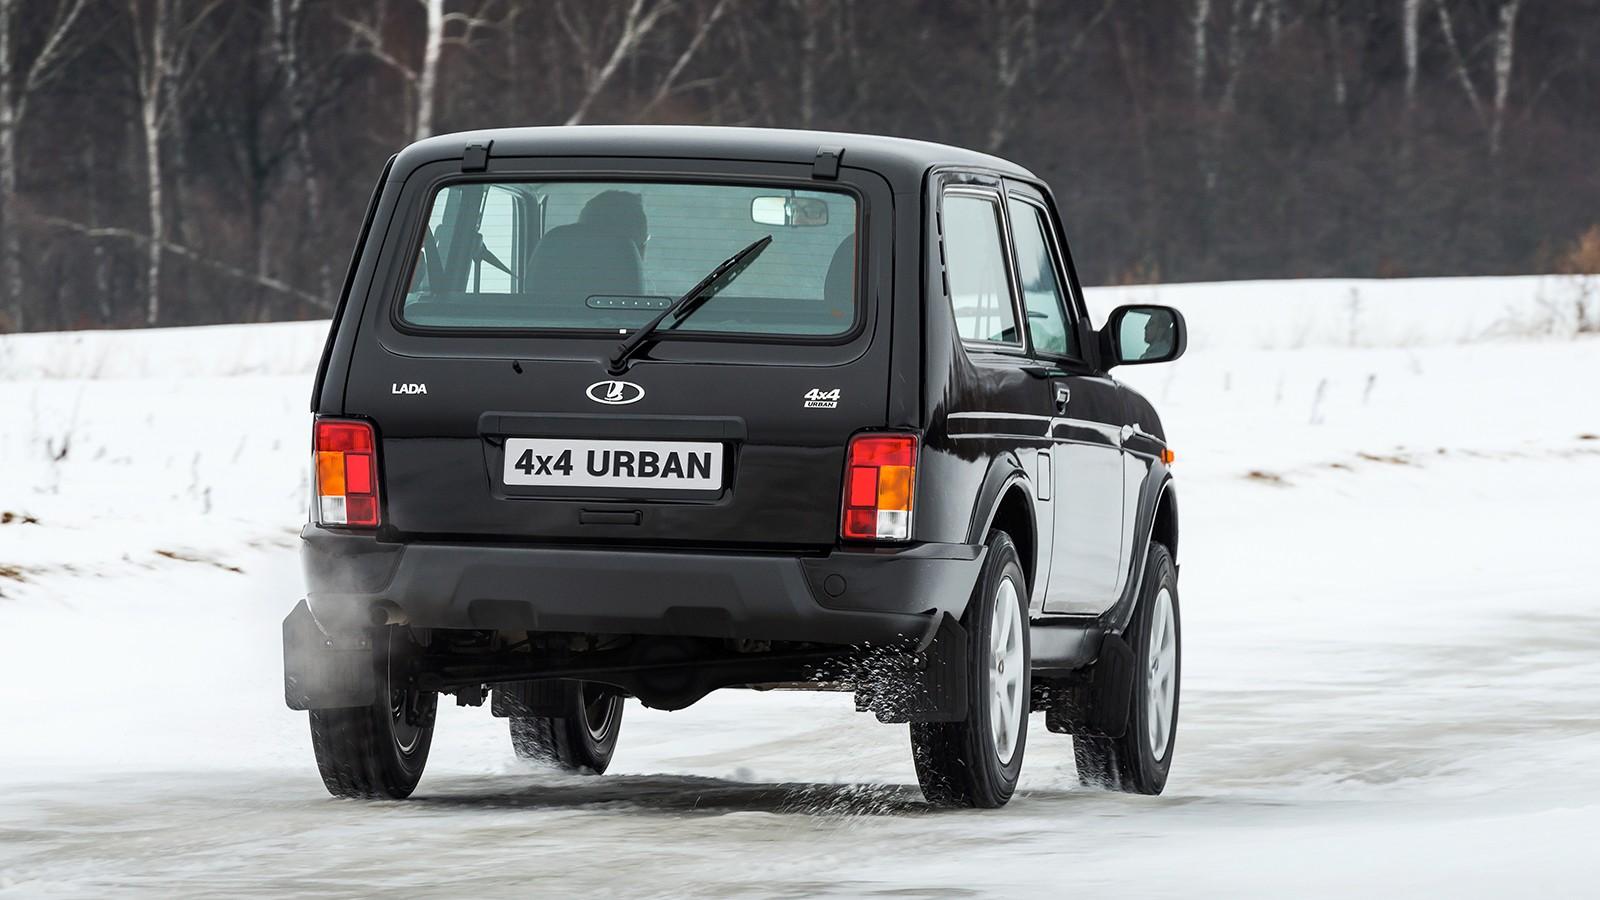 Семейство Lada 4x4 оснащается двигателем 1.7 литра мощностью 83 л.с.